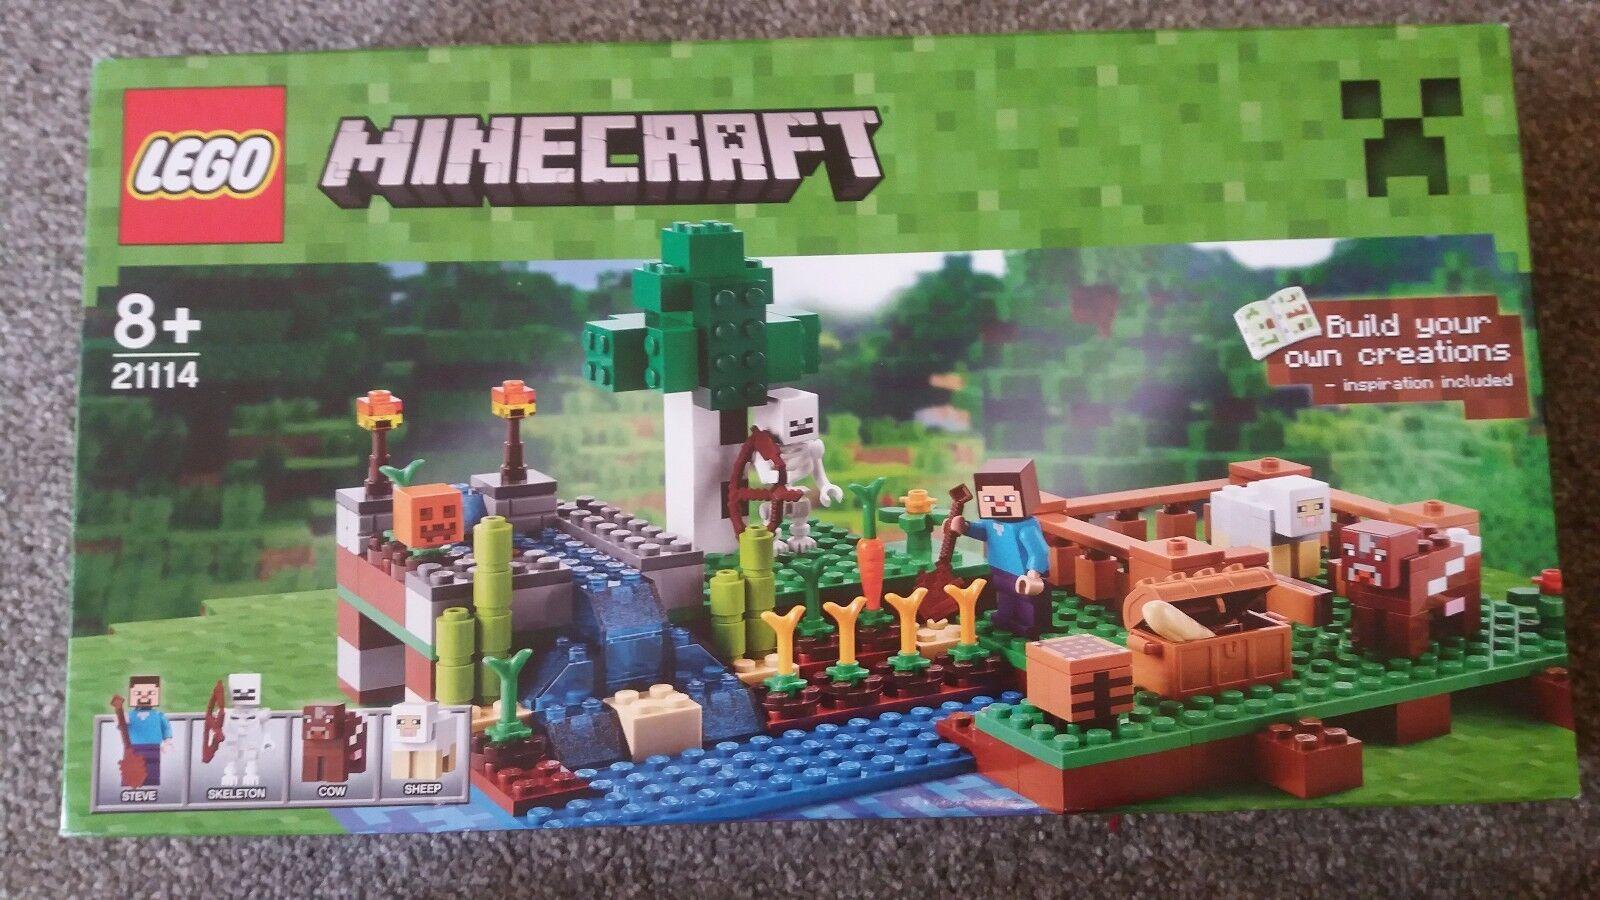 NEUF Lego Minecraft la  ferme (21114)  grand choix et livraison rapide